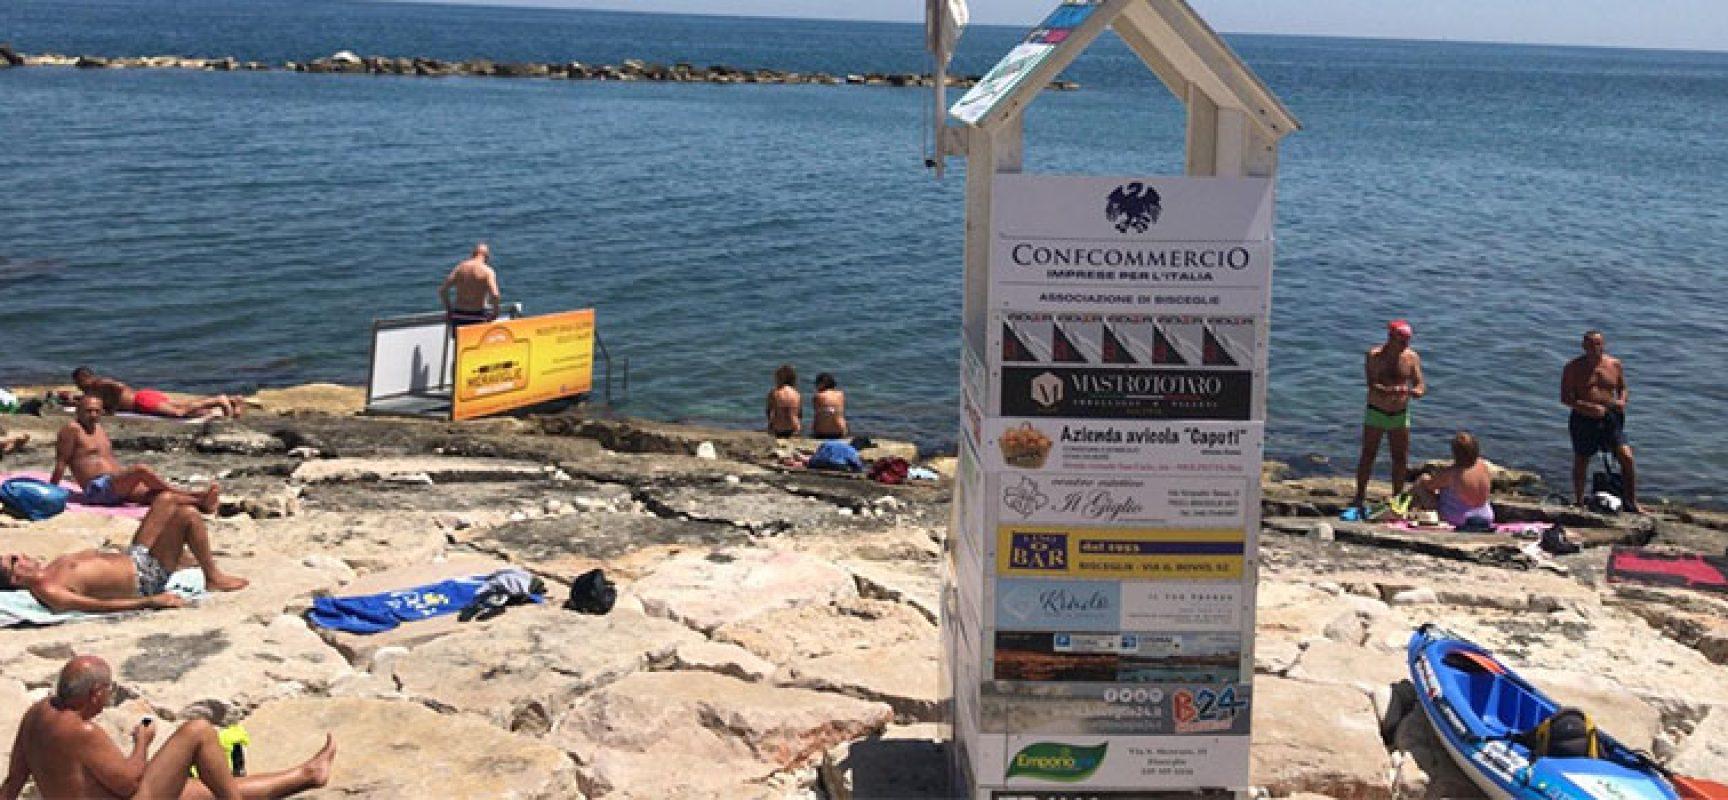 Regione Puglia, l'ordinanza balneare 2020 in vigore dal 25 maggio